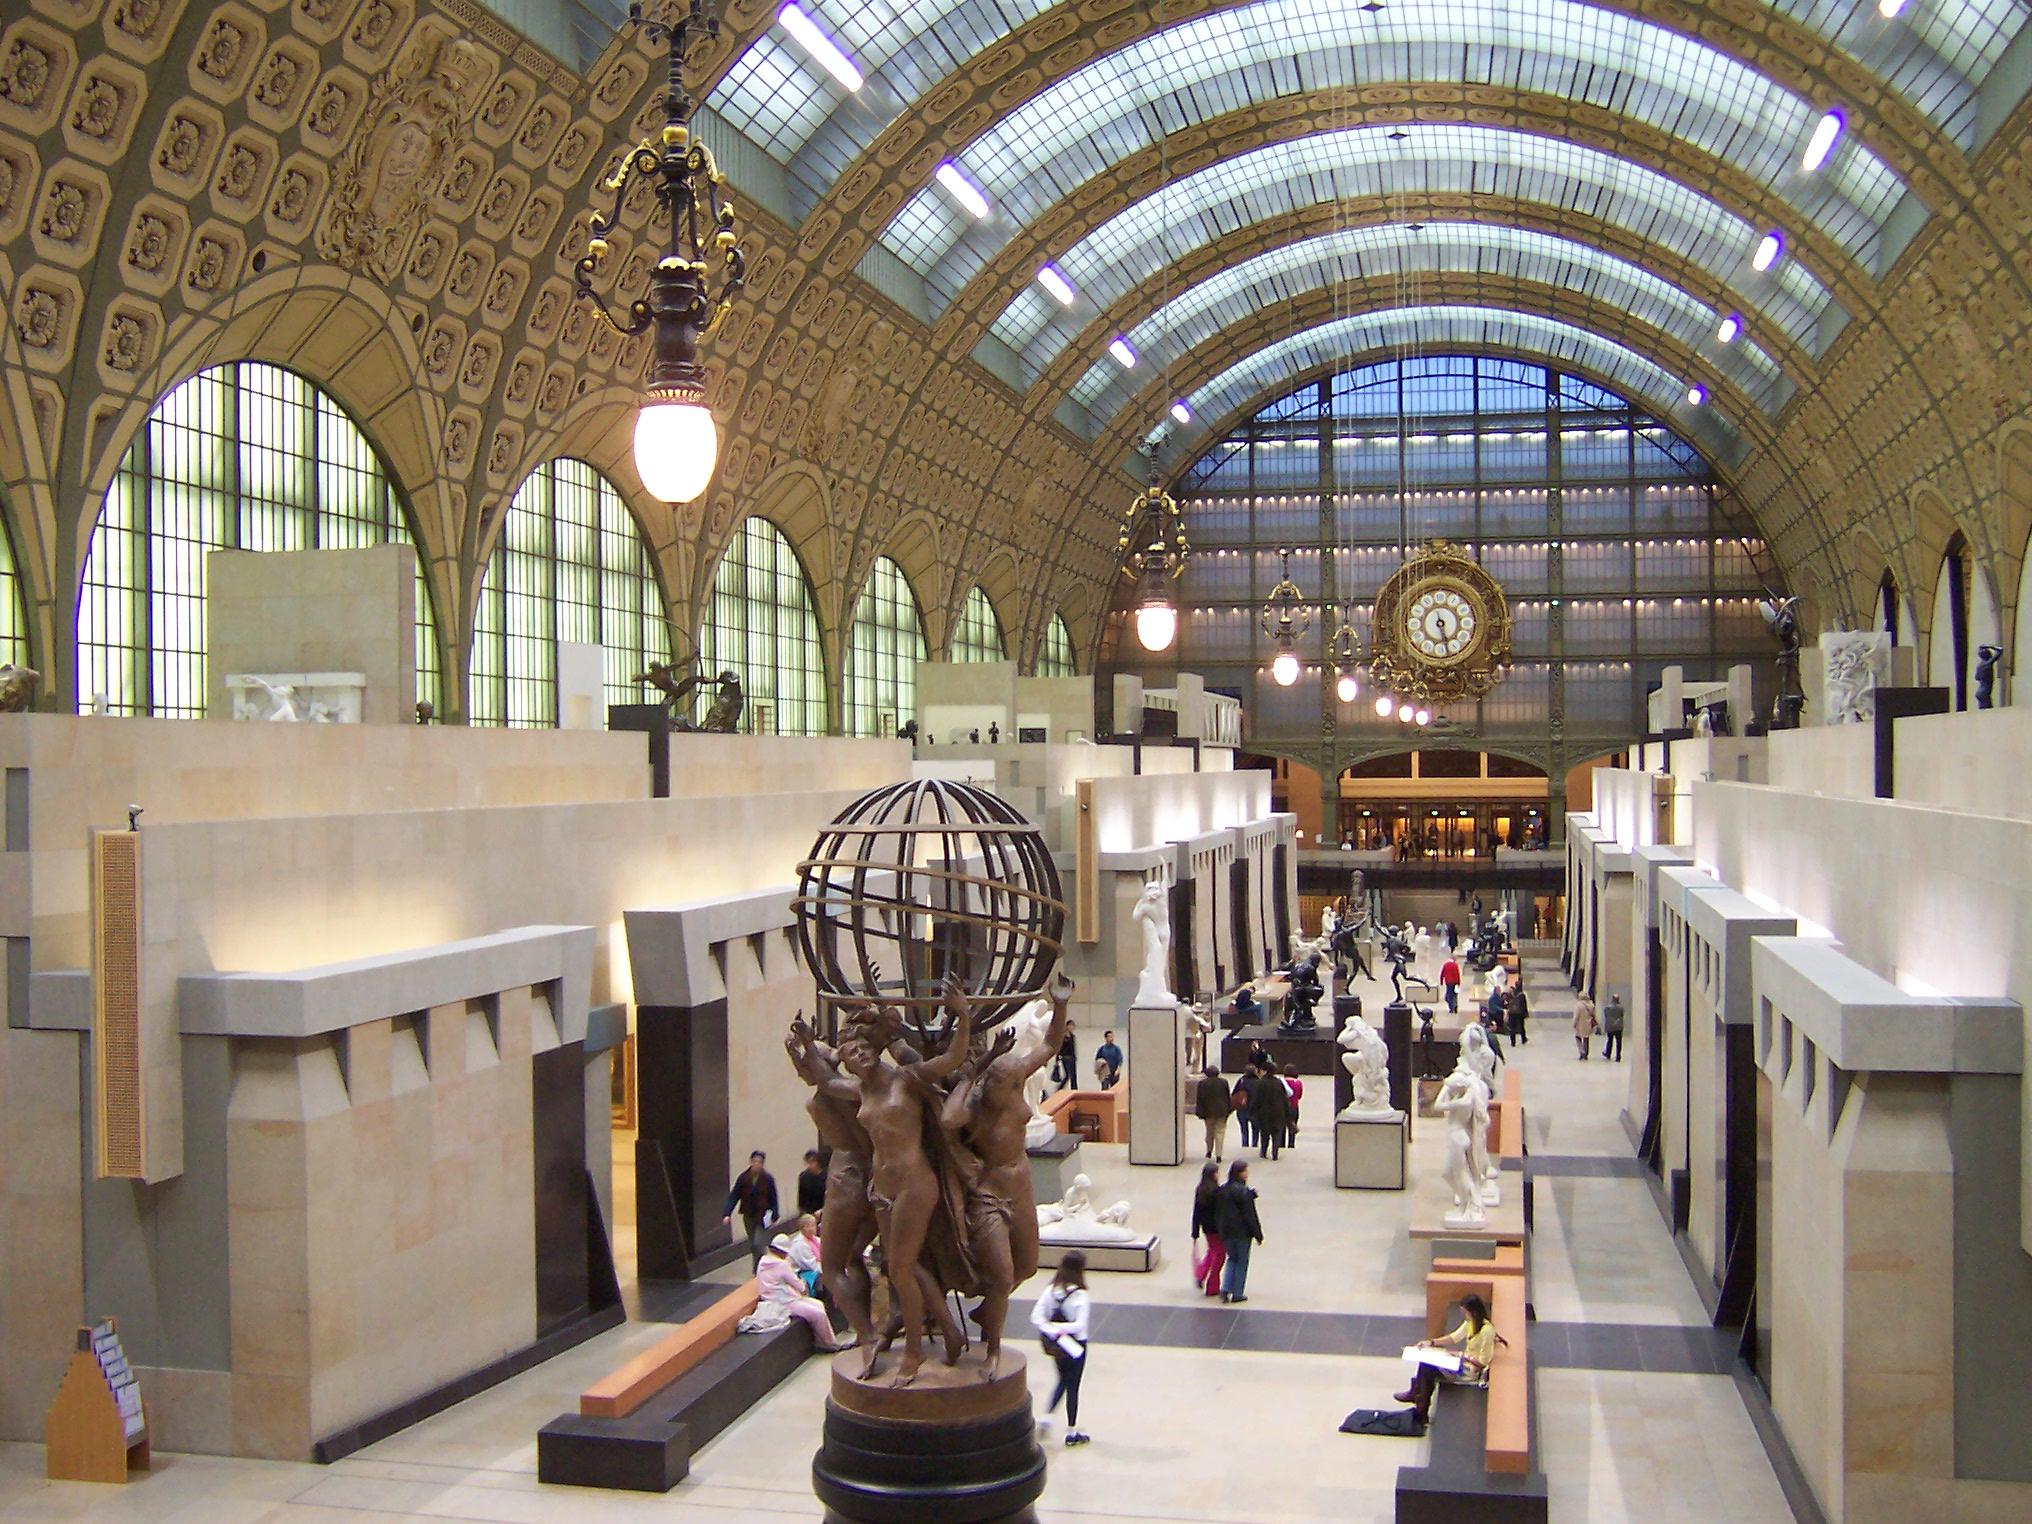 """Résultat de recherche d'images pour """"photographe intérieur musée d'orsay"""""""